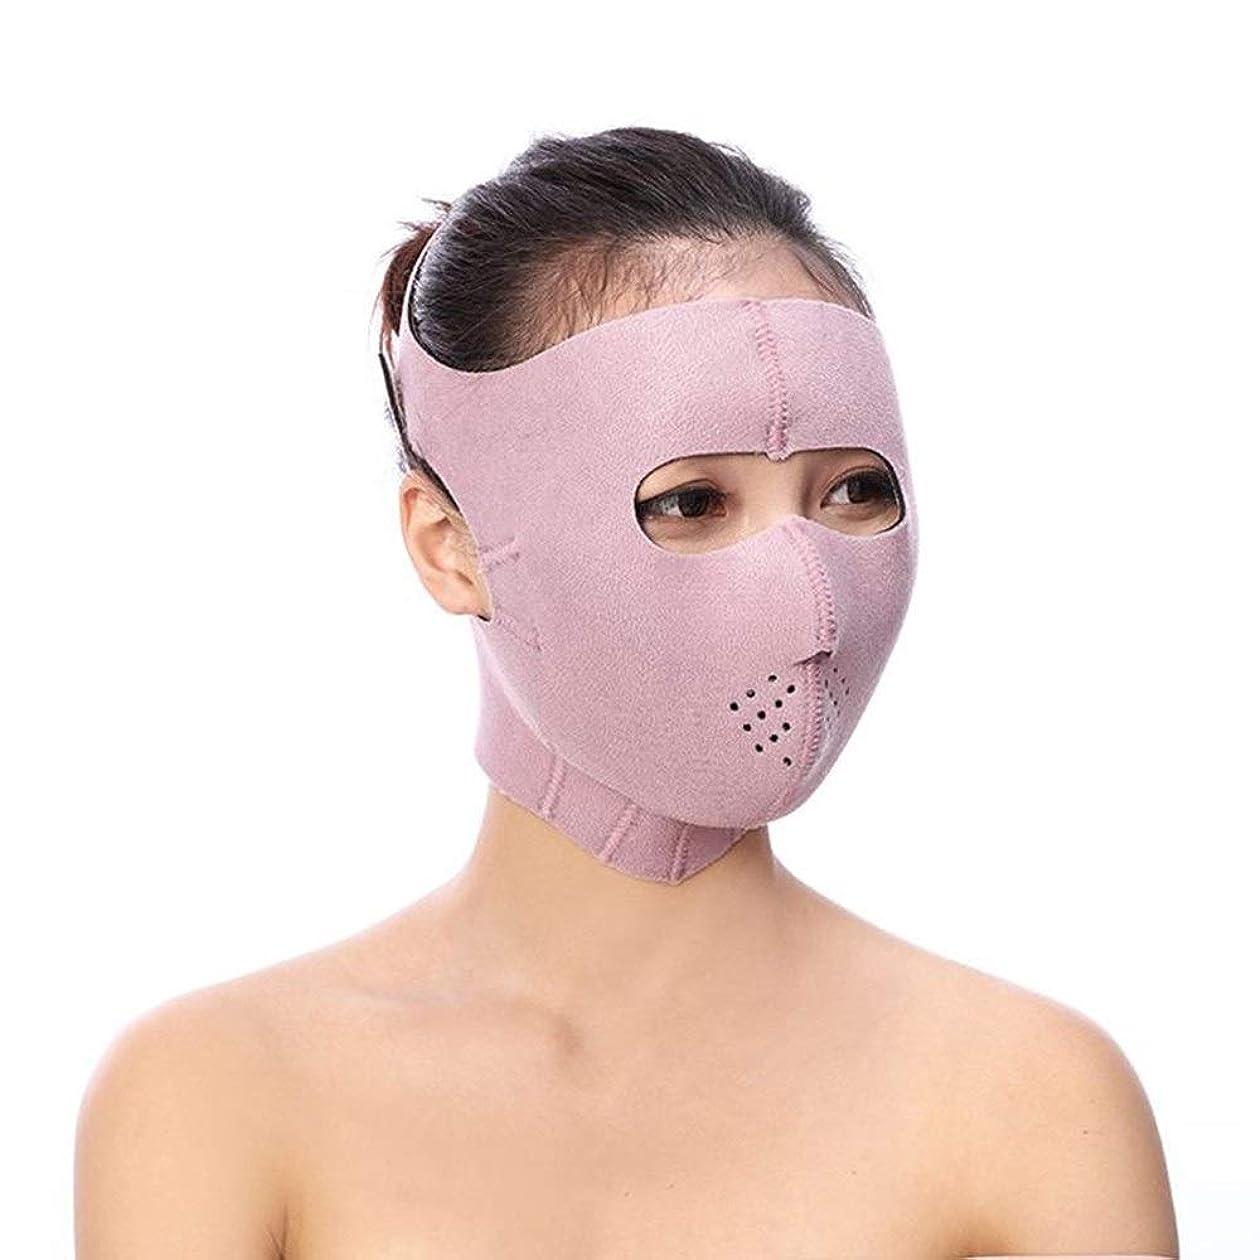 調子ジャンピングジャック夫フェイスリフティングベルト、フェイスリフティング包帯顔の形をしたV字形状により、睡眠の質が向上します。 (Color : Pink)